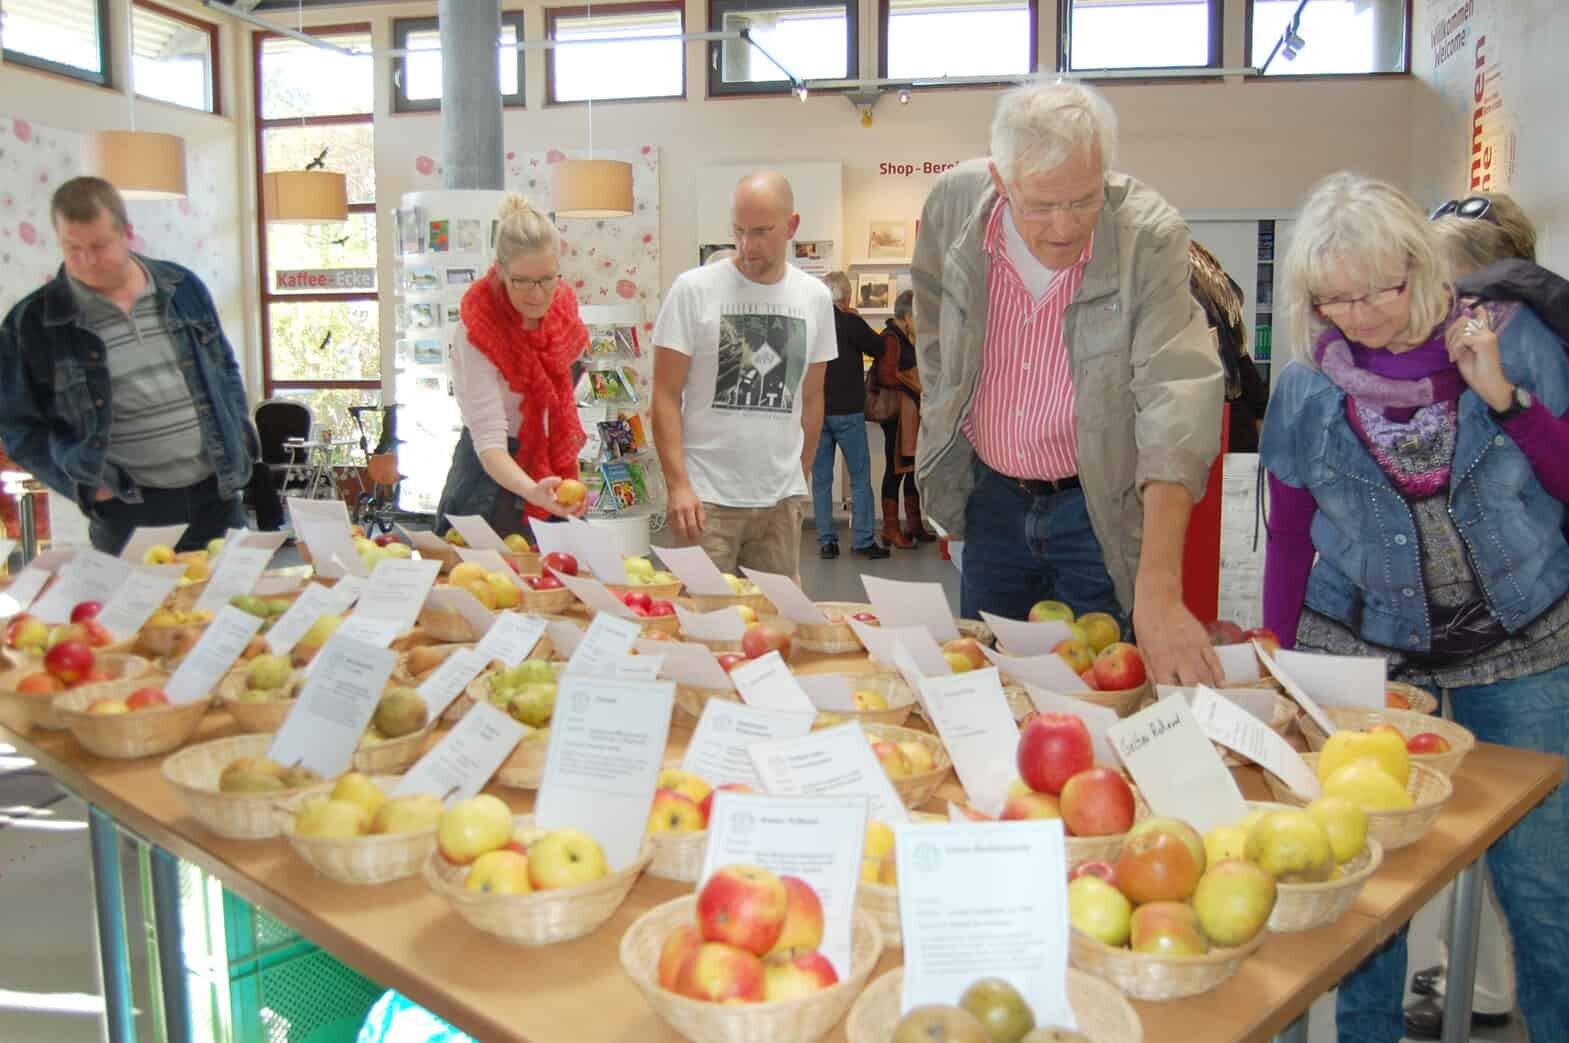 Foto: Apfelsortenausstellung von Jens Meyer im Informationszentrum PAHLHUUS. Fotoautorin: Susanne Hoffmeister